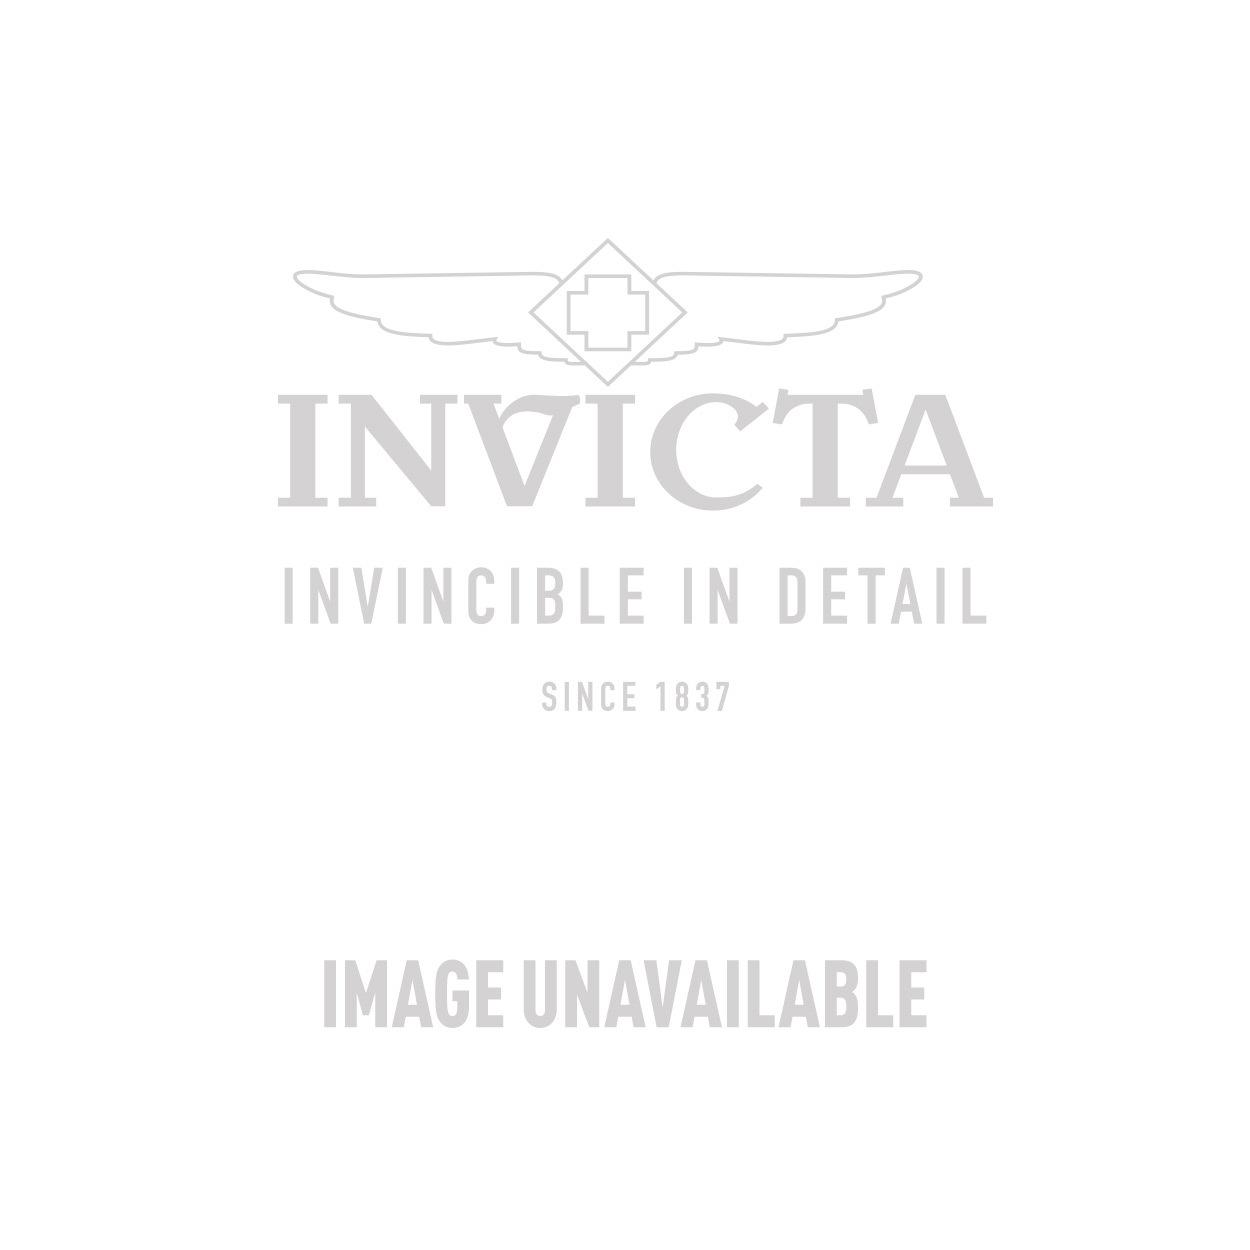 Invicta Model 24990